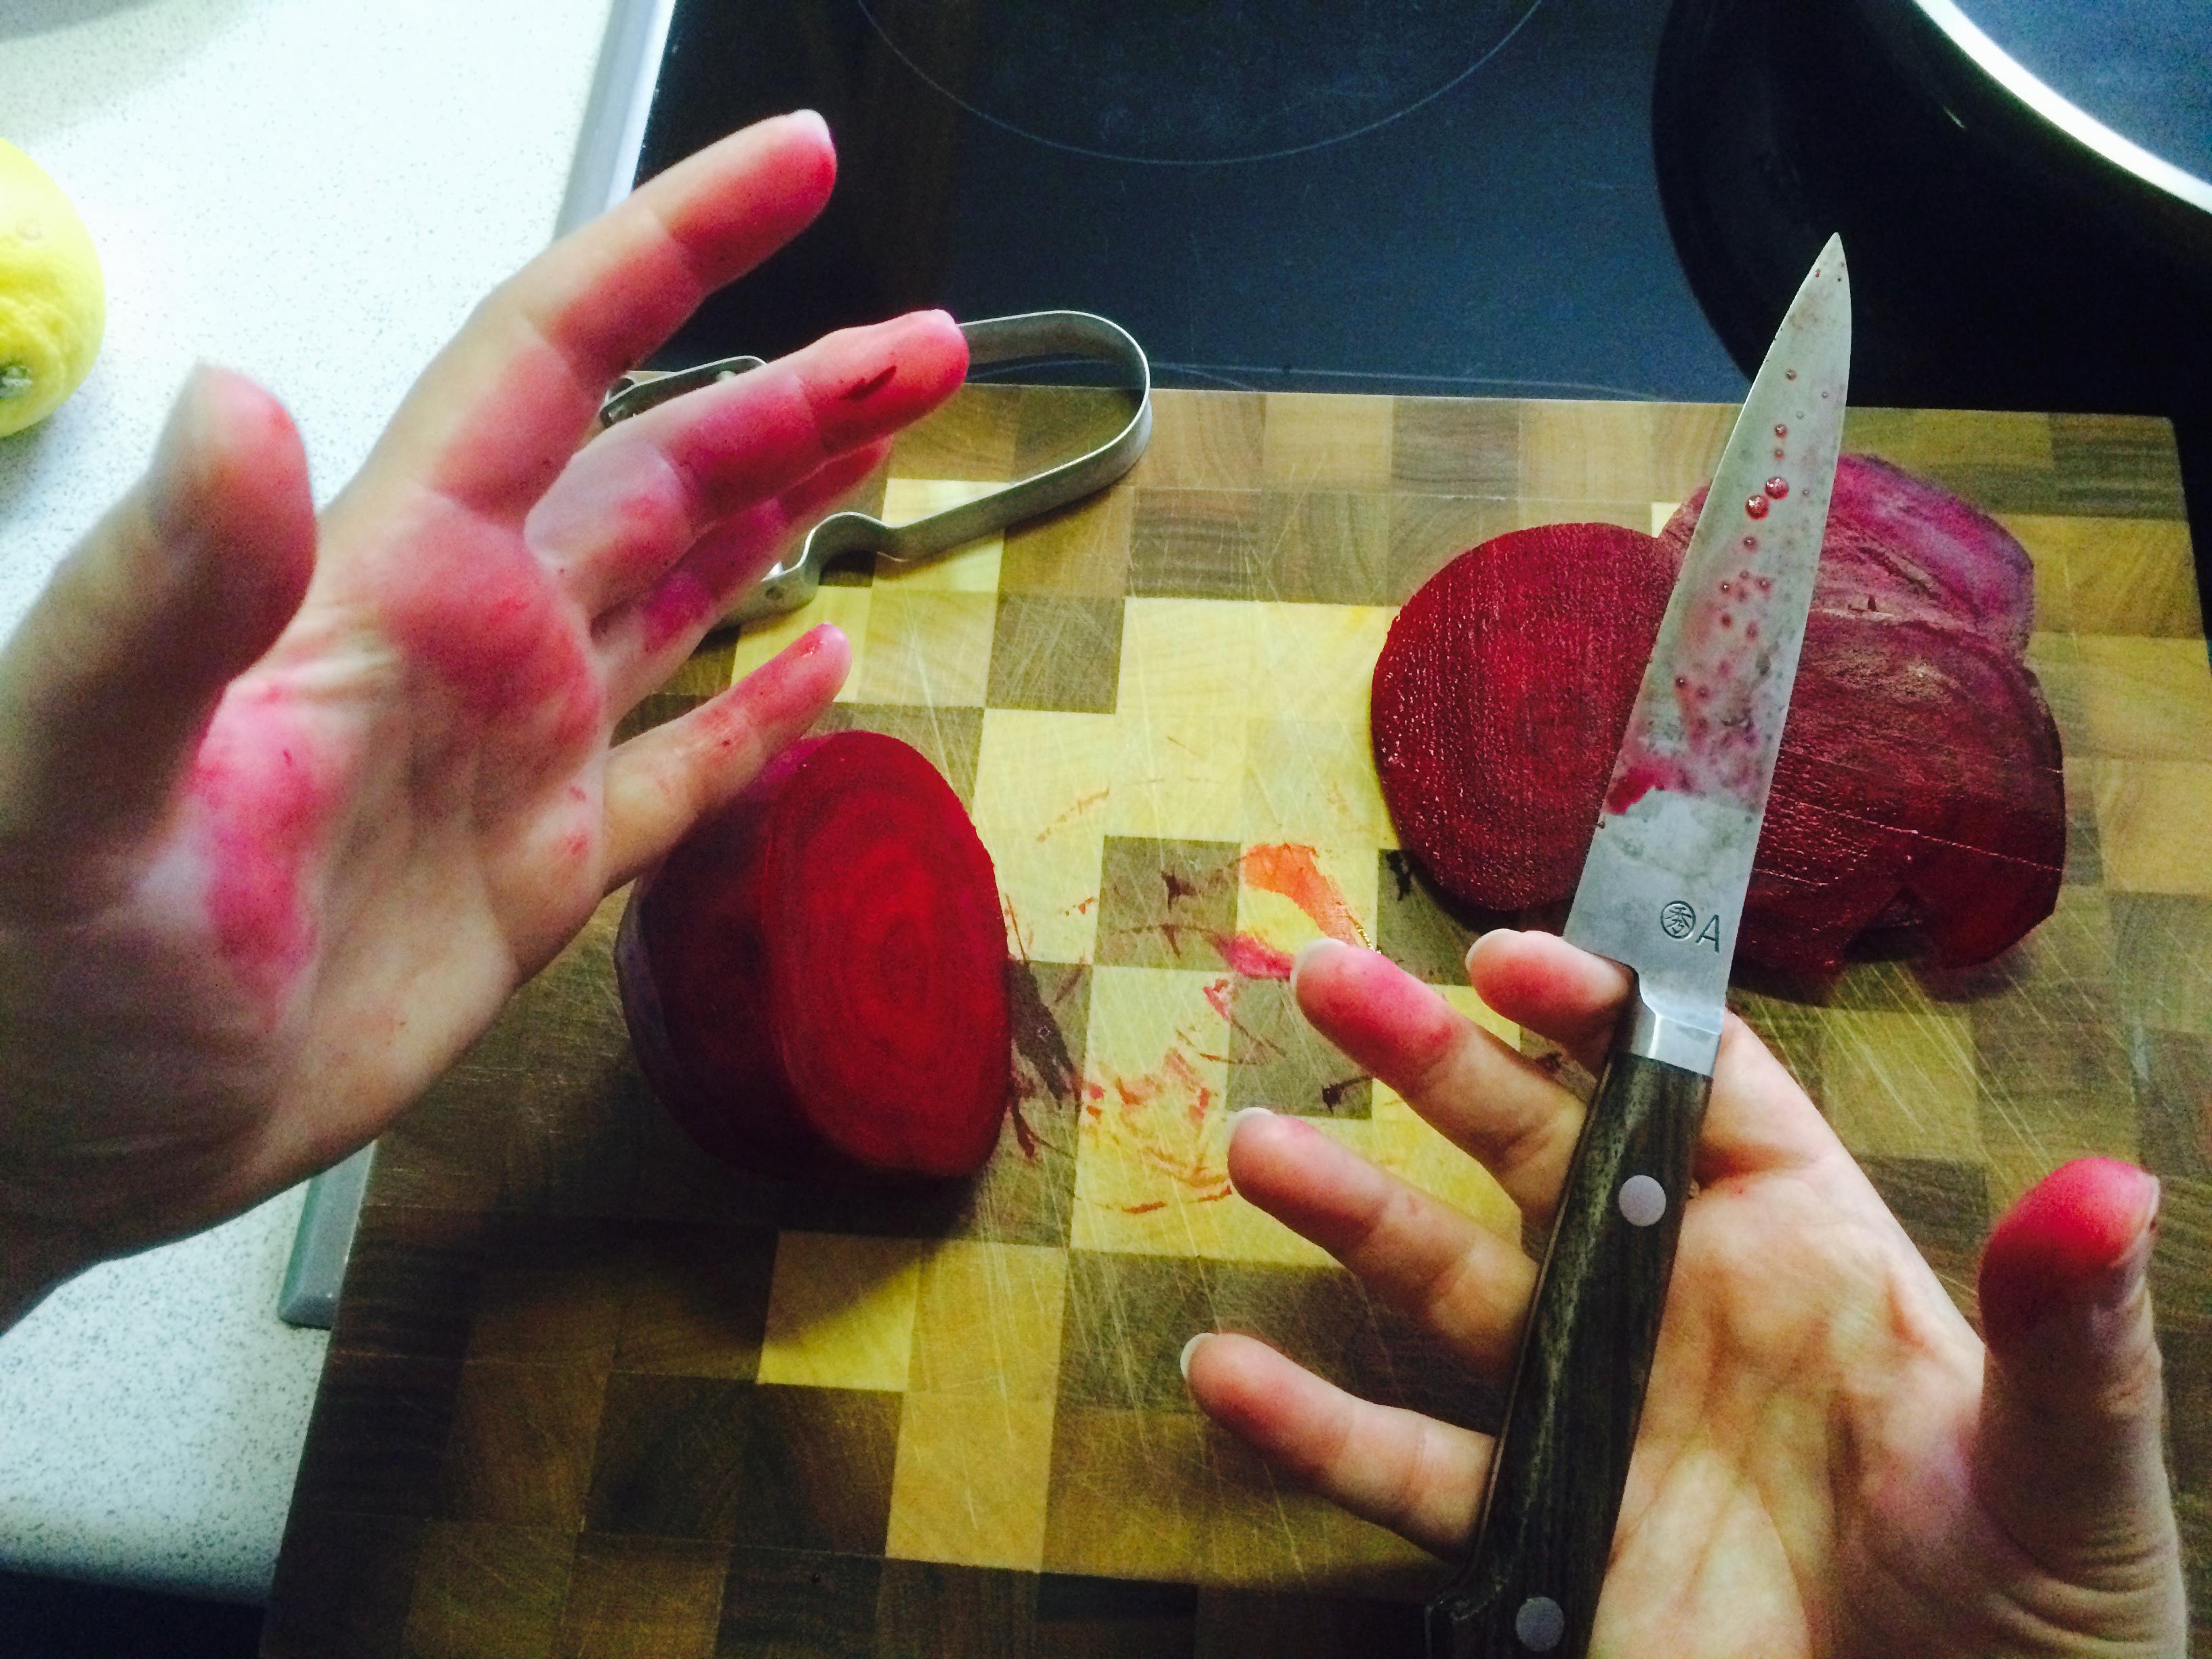 Blutrote Hände mit Randen